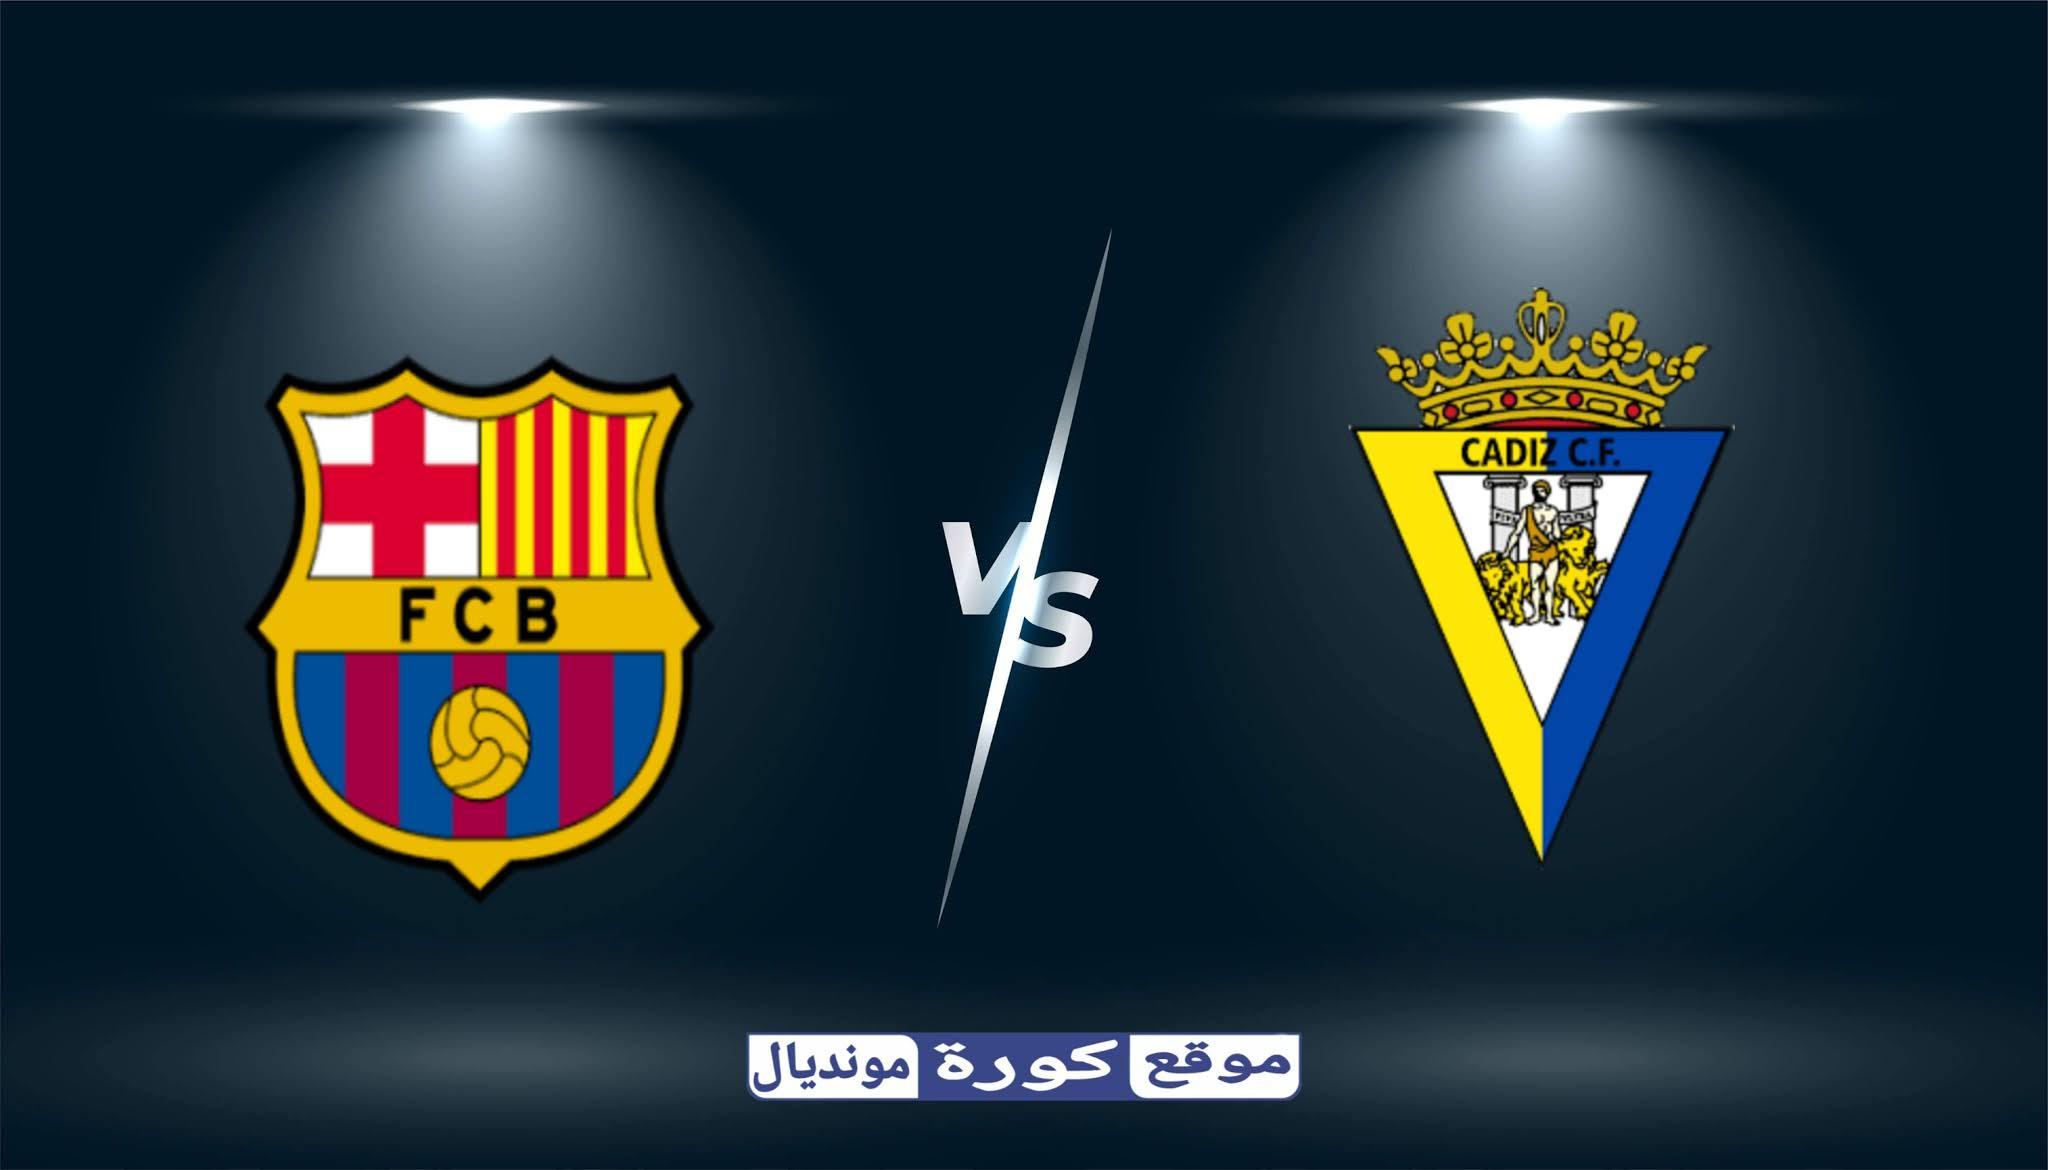 مشاهدة مباراة برشلونة و قادش بث مباشر اليوم في الدوري الإسباني